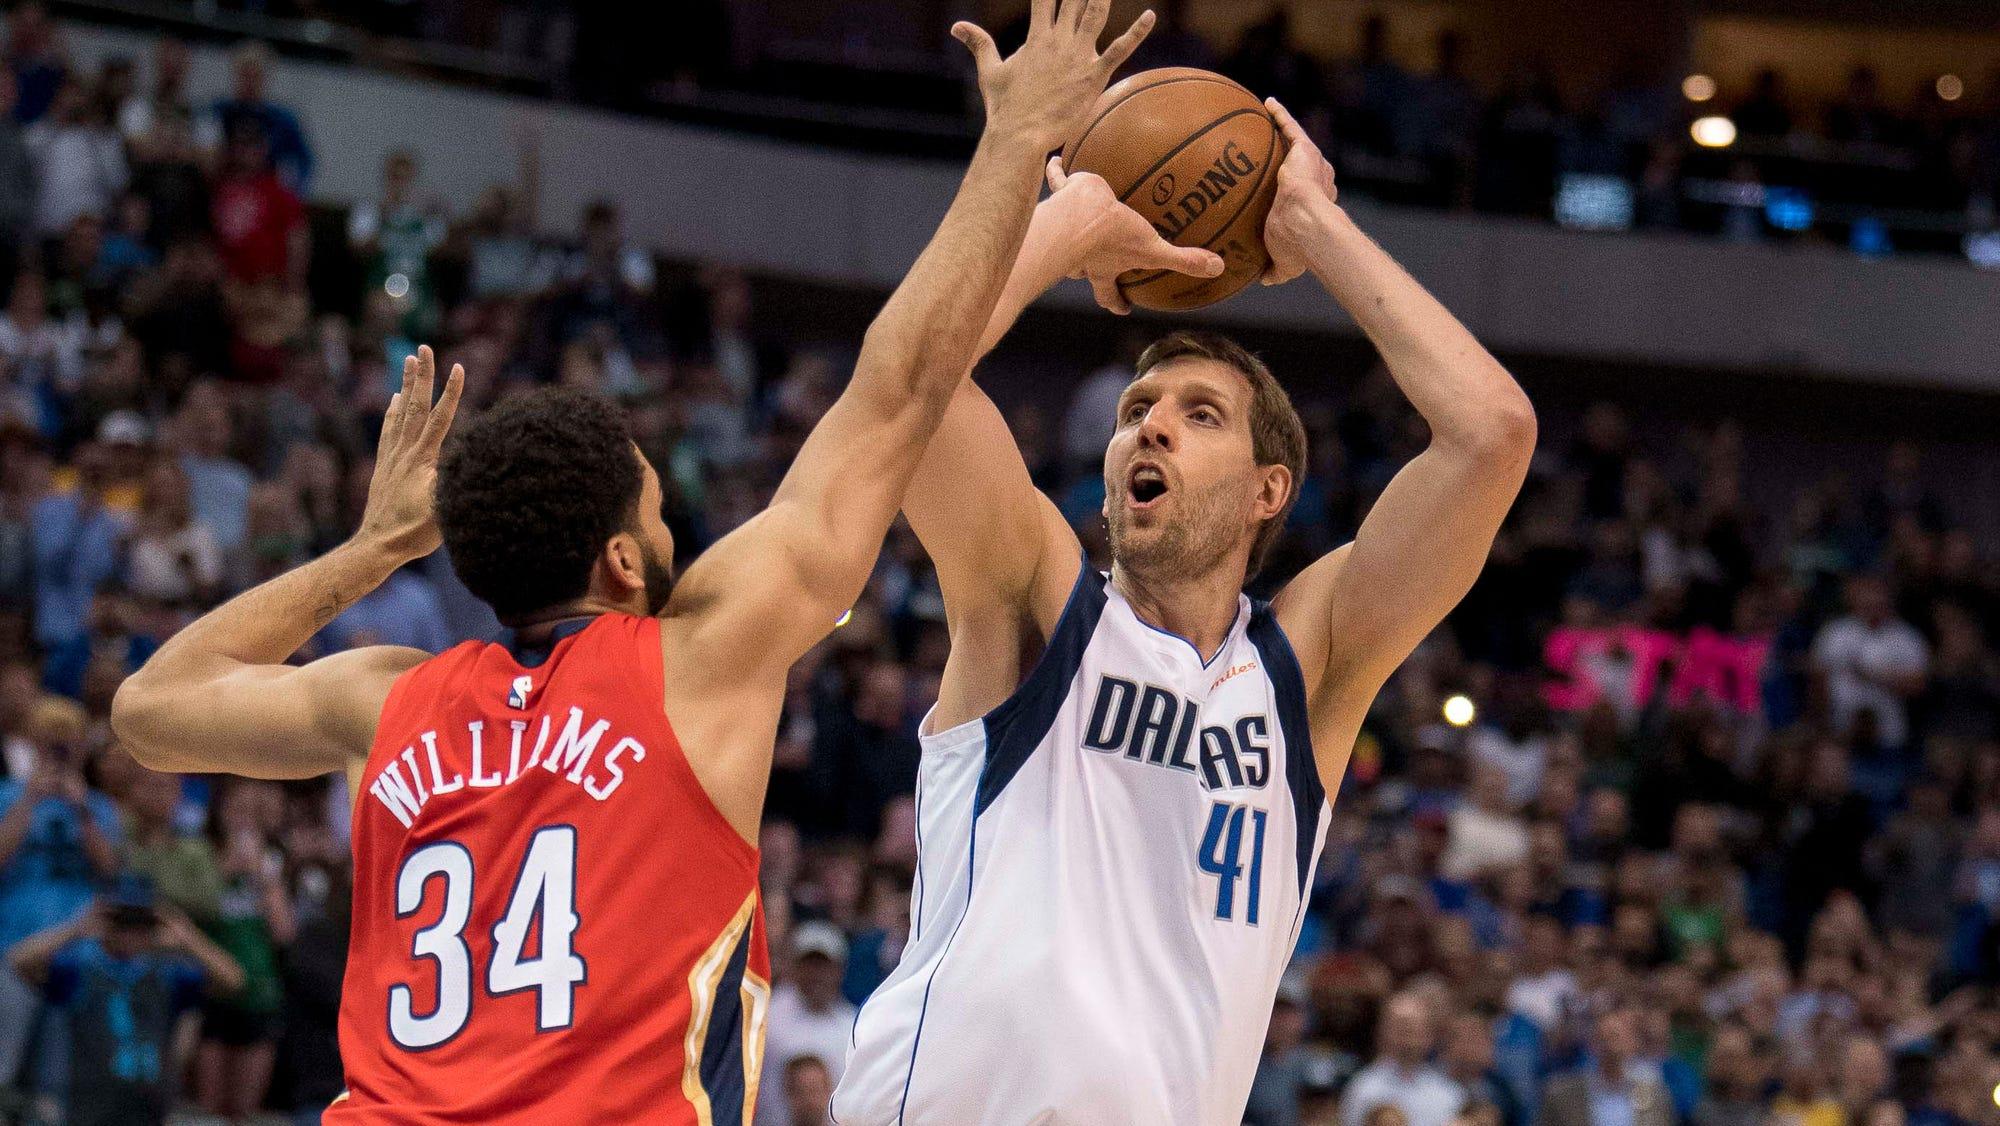 Nhẹ nhàng thực hiện cú ném đậm chất thương hiệu, Dirk Nowiztki trở lại Top 6 tay ghi điểm vĩ đại nhất NBA